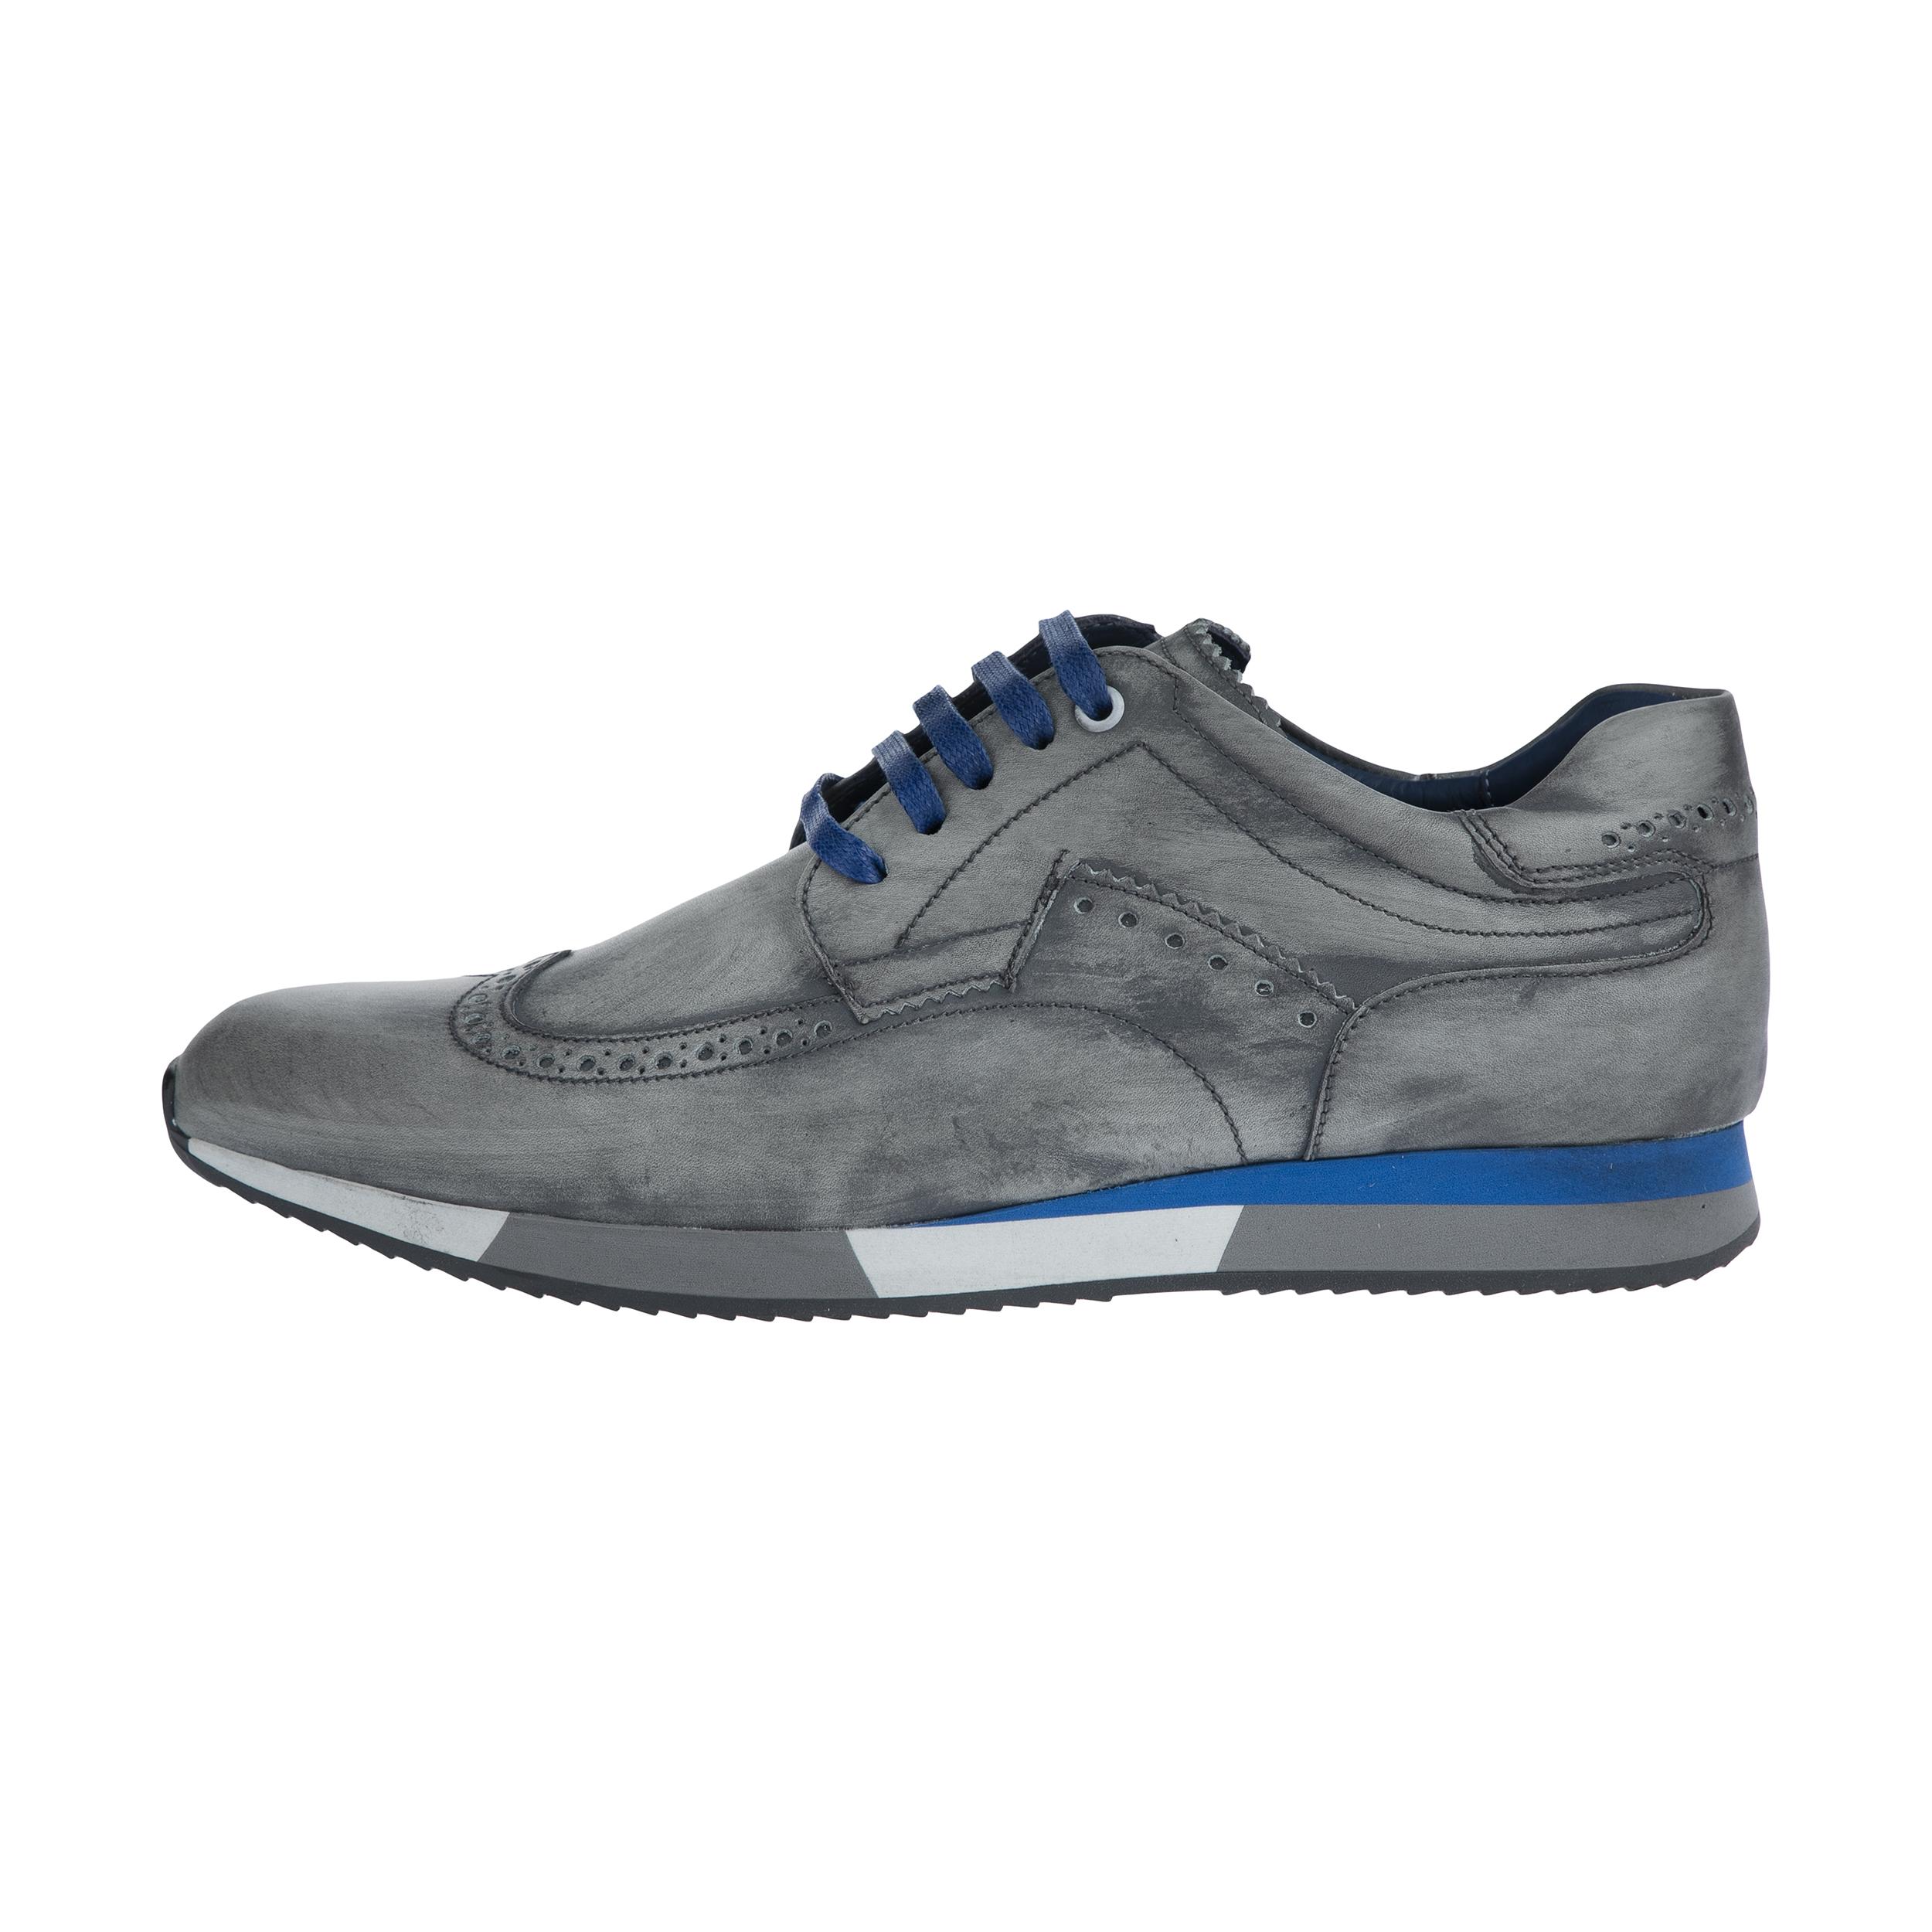 کفش روزمره مردانه گابور مدل 68.275.84